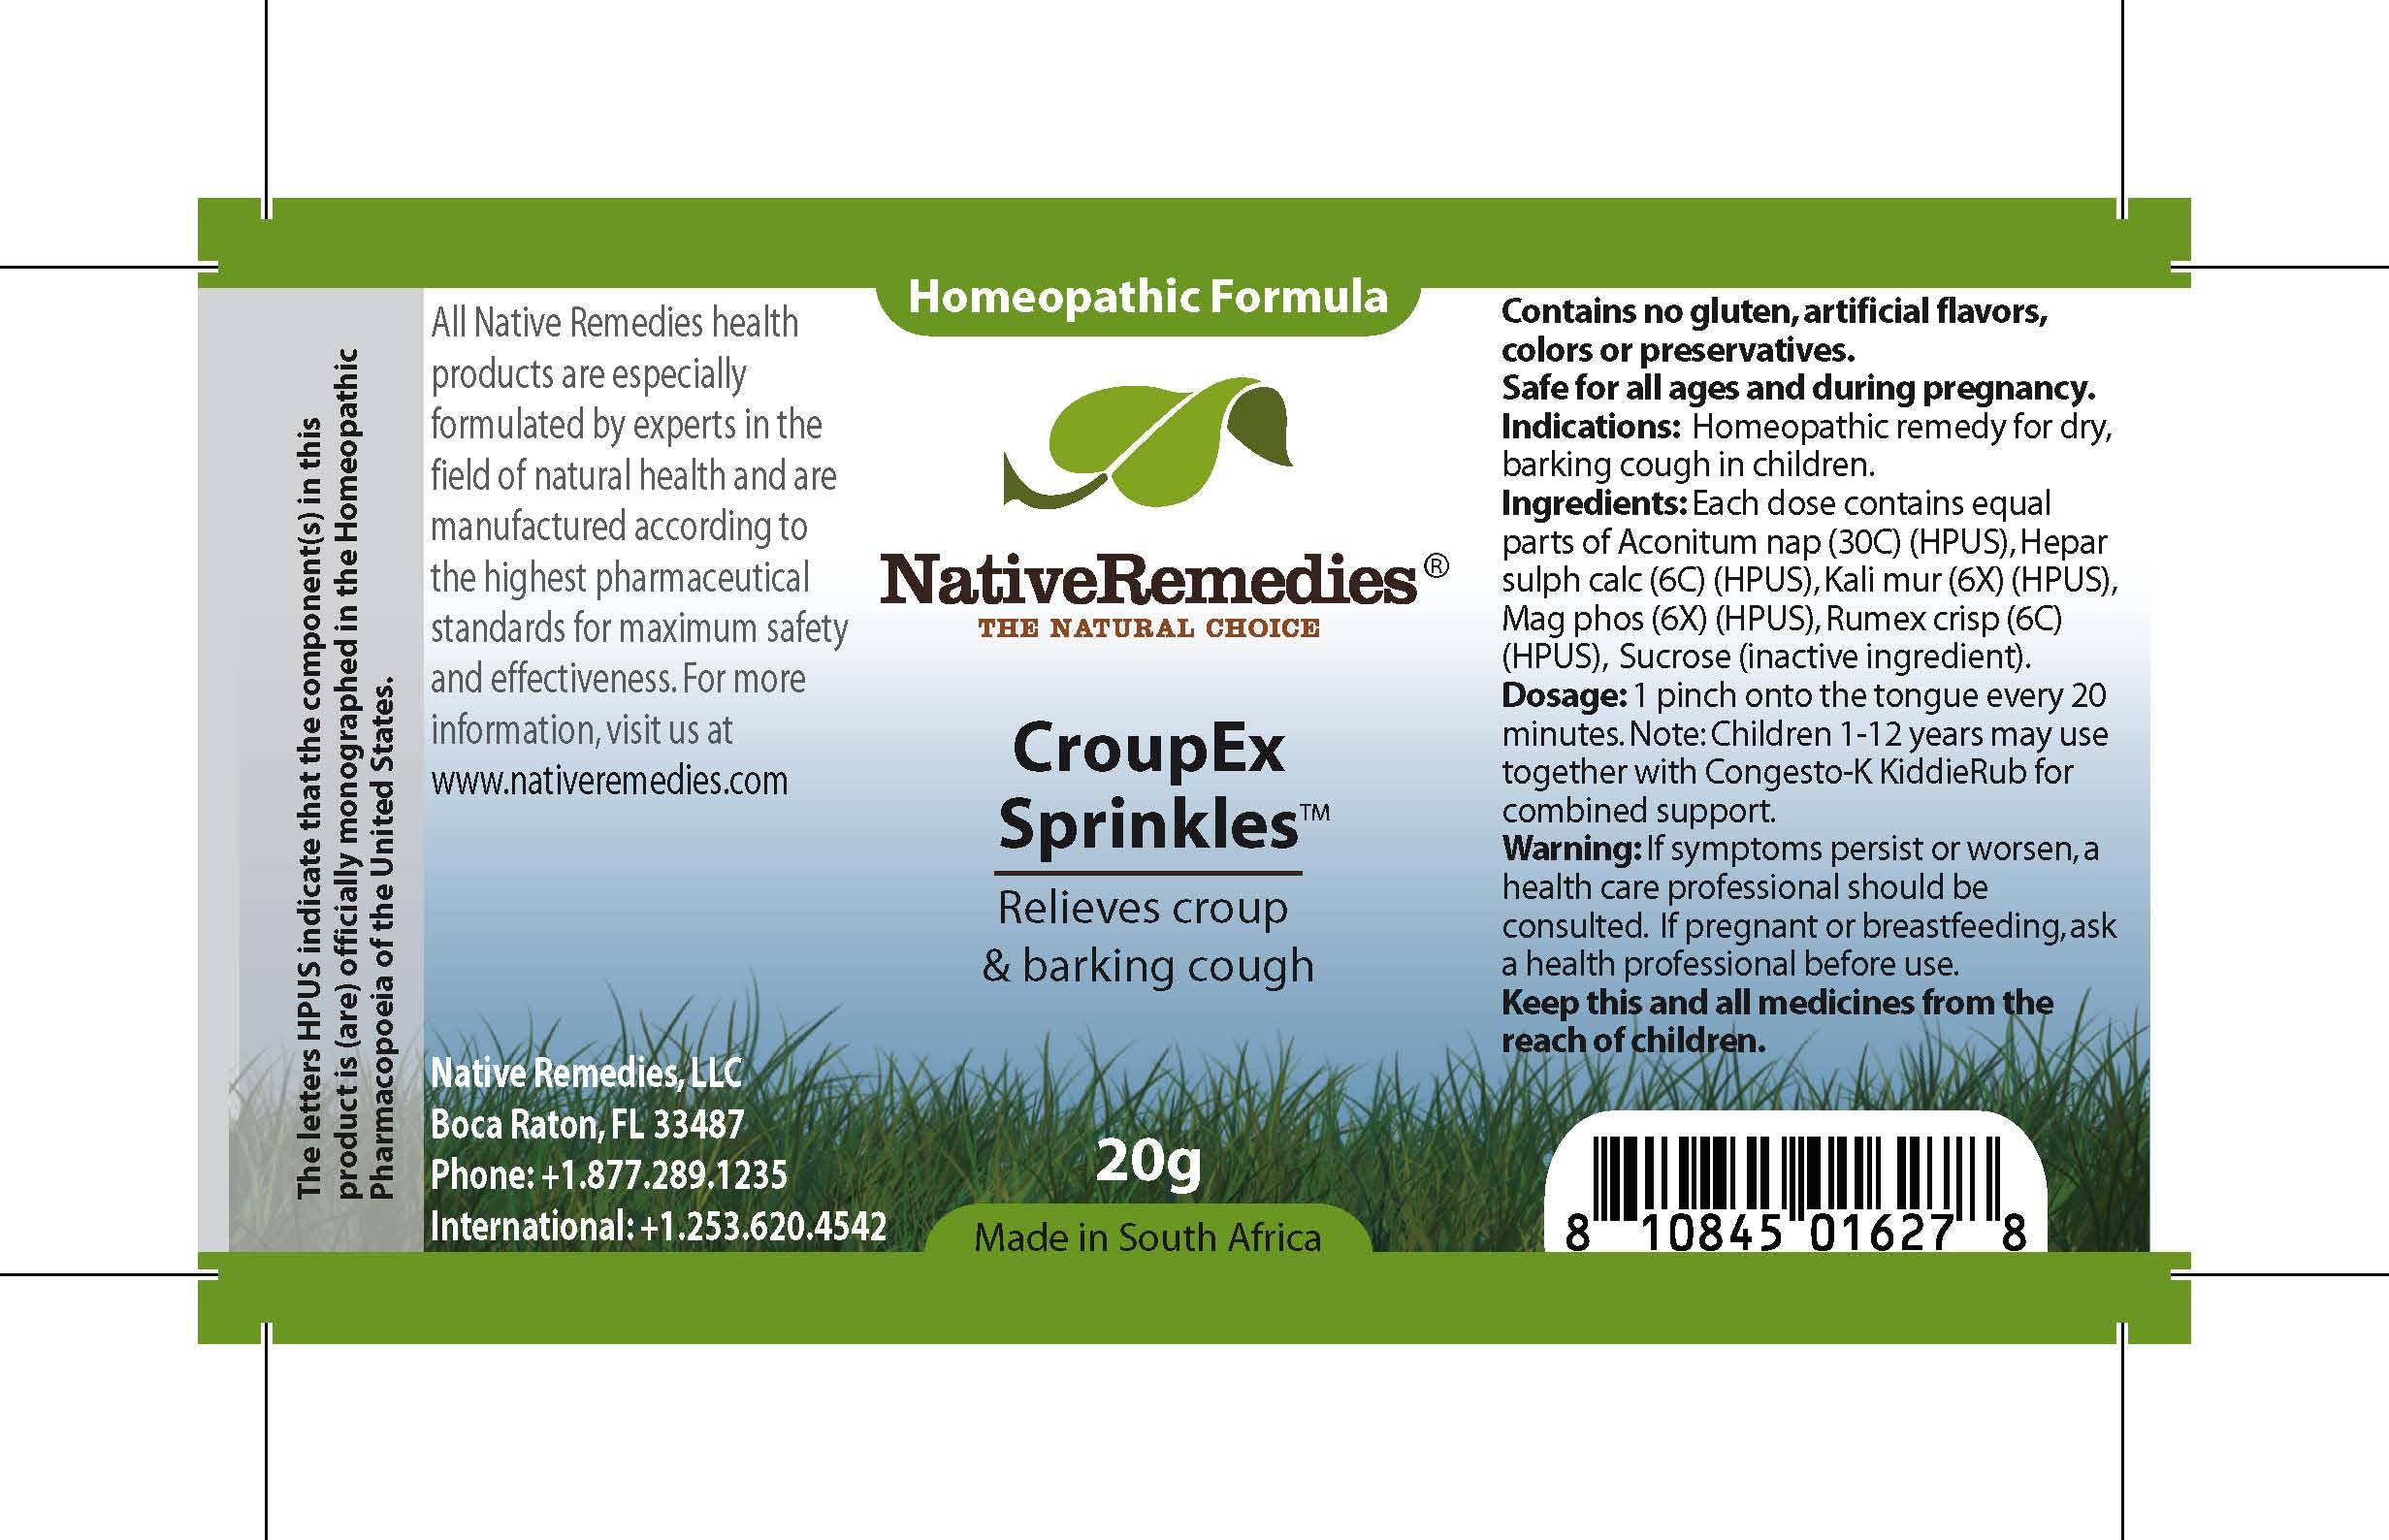 Croupex Sprinkles (Aconitum Nap , Hepar Sulph Calc , Kali Mur , Mag Phos , Rumex Crisp , Sucrose ) Granule [Feelgood Health]